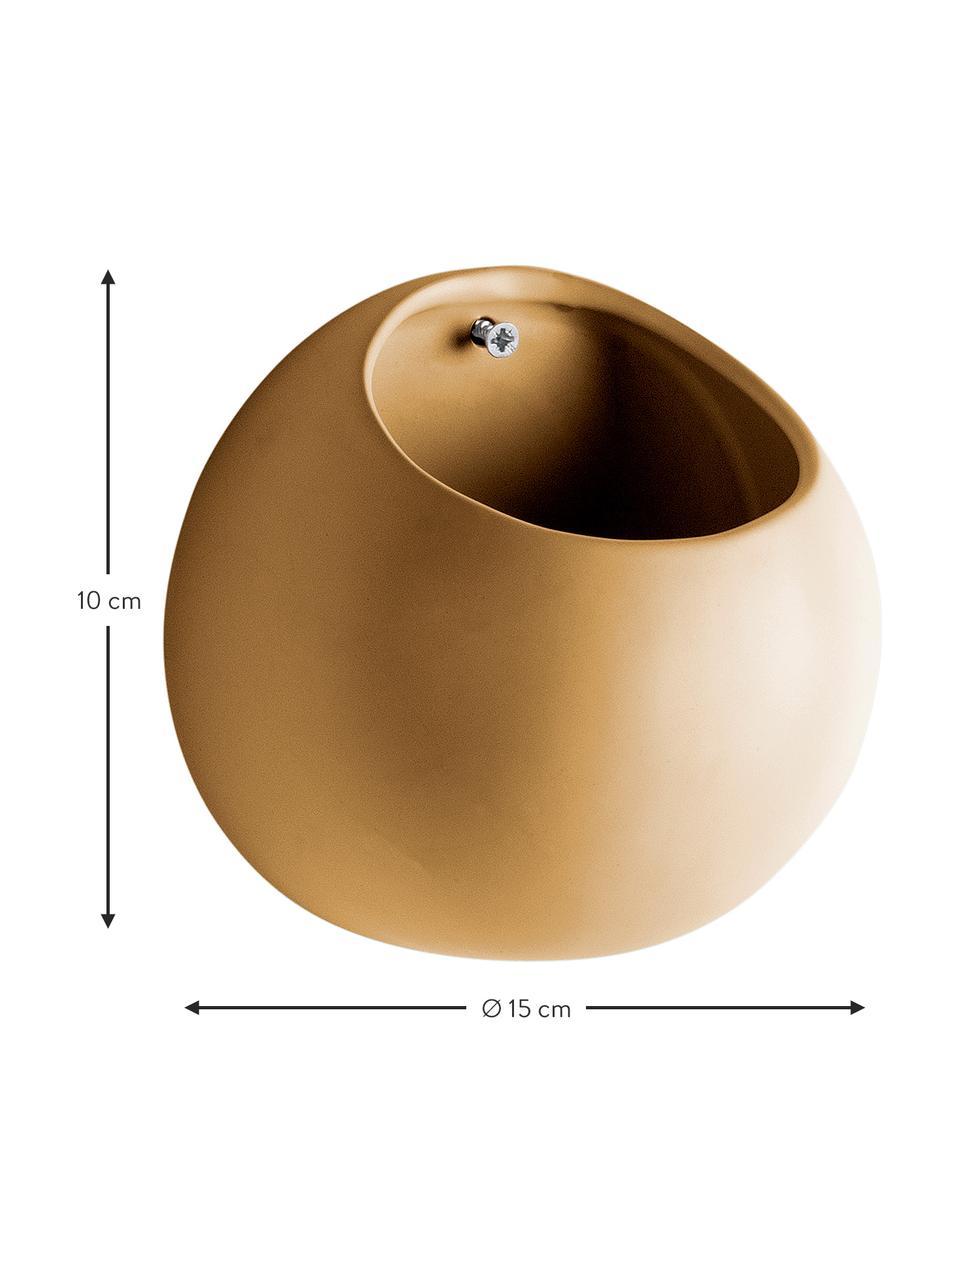 Vaso da parete piccolo in ceramica Globo, Ceramica, Giallo, Ø 15 x Alt. 10 cm